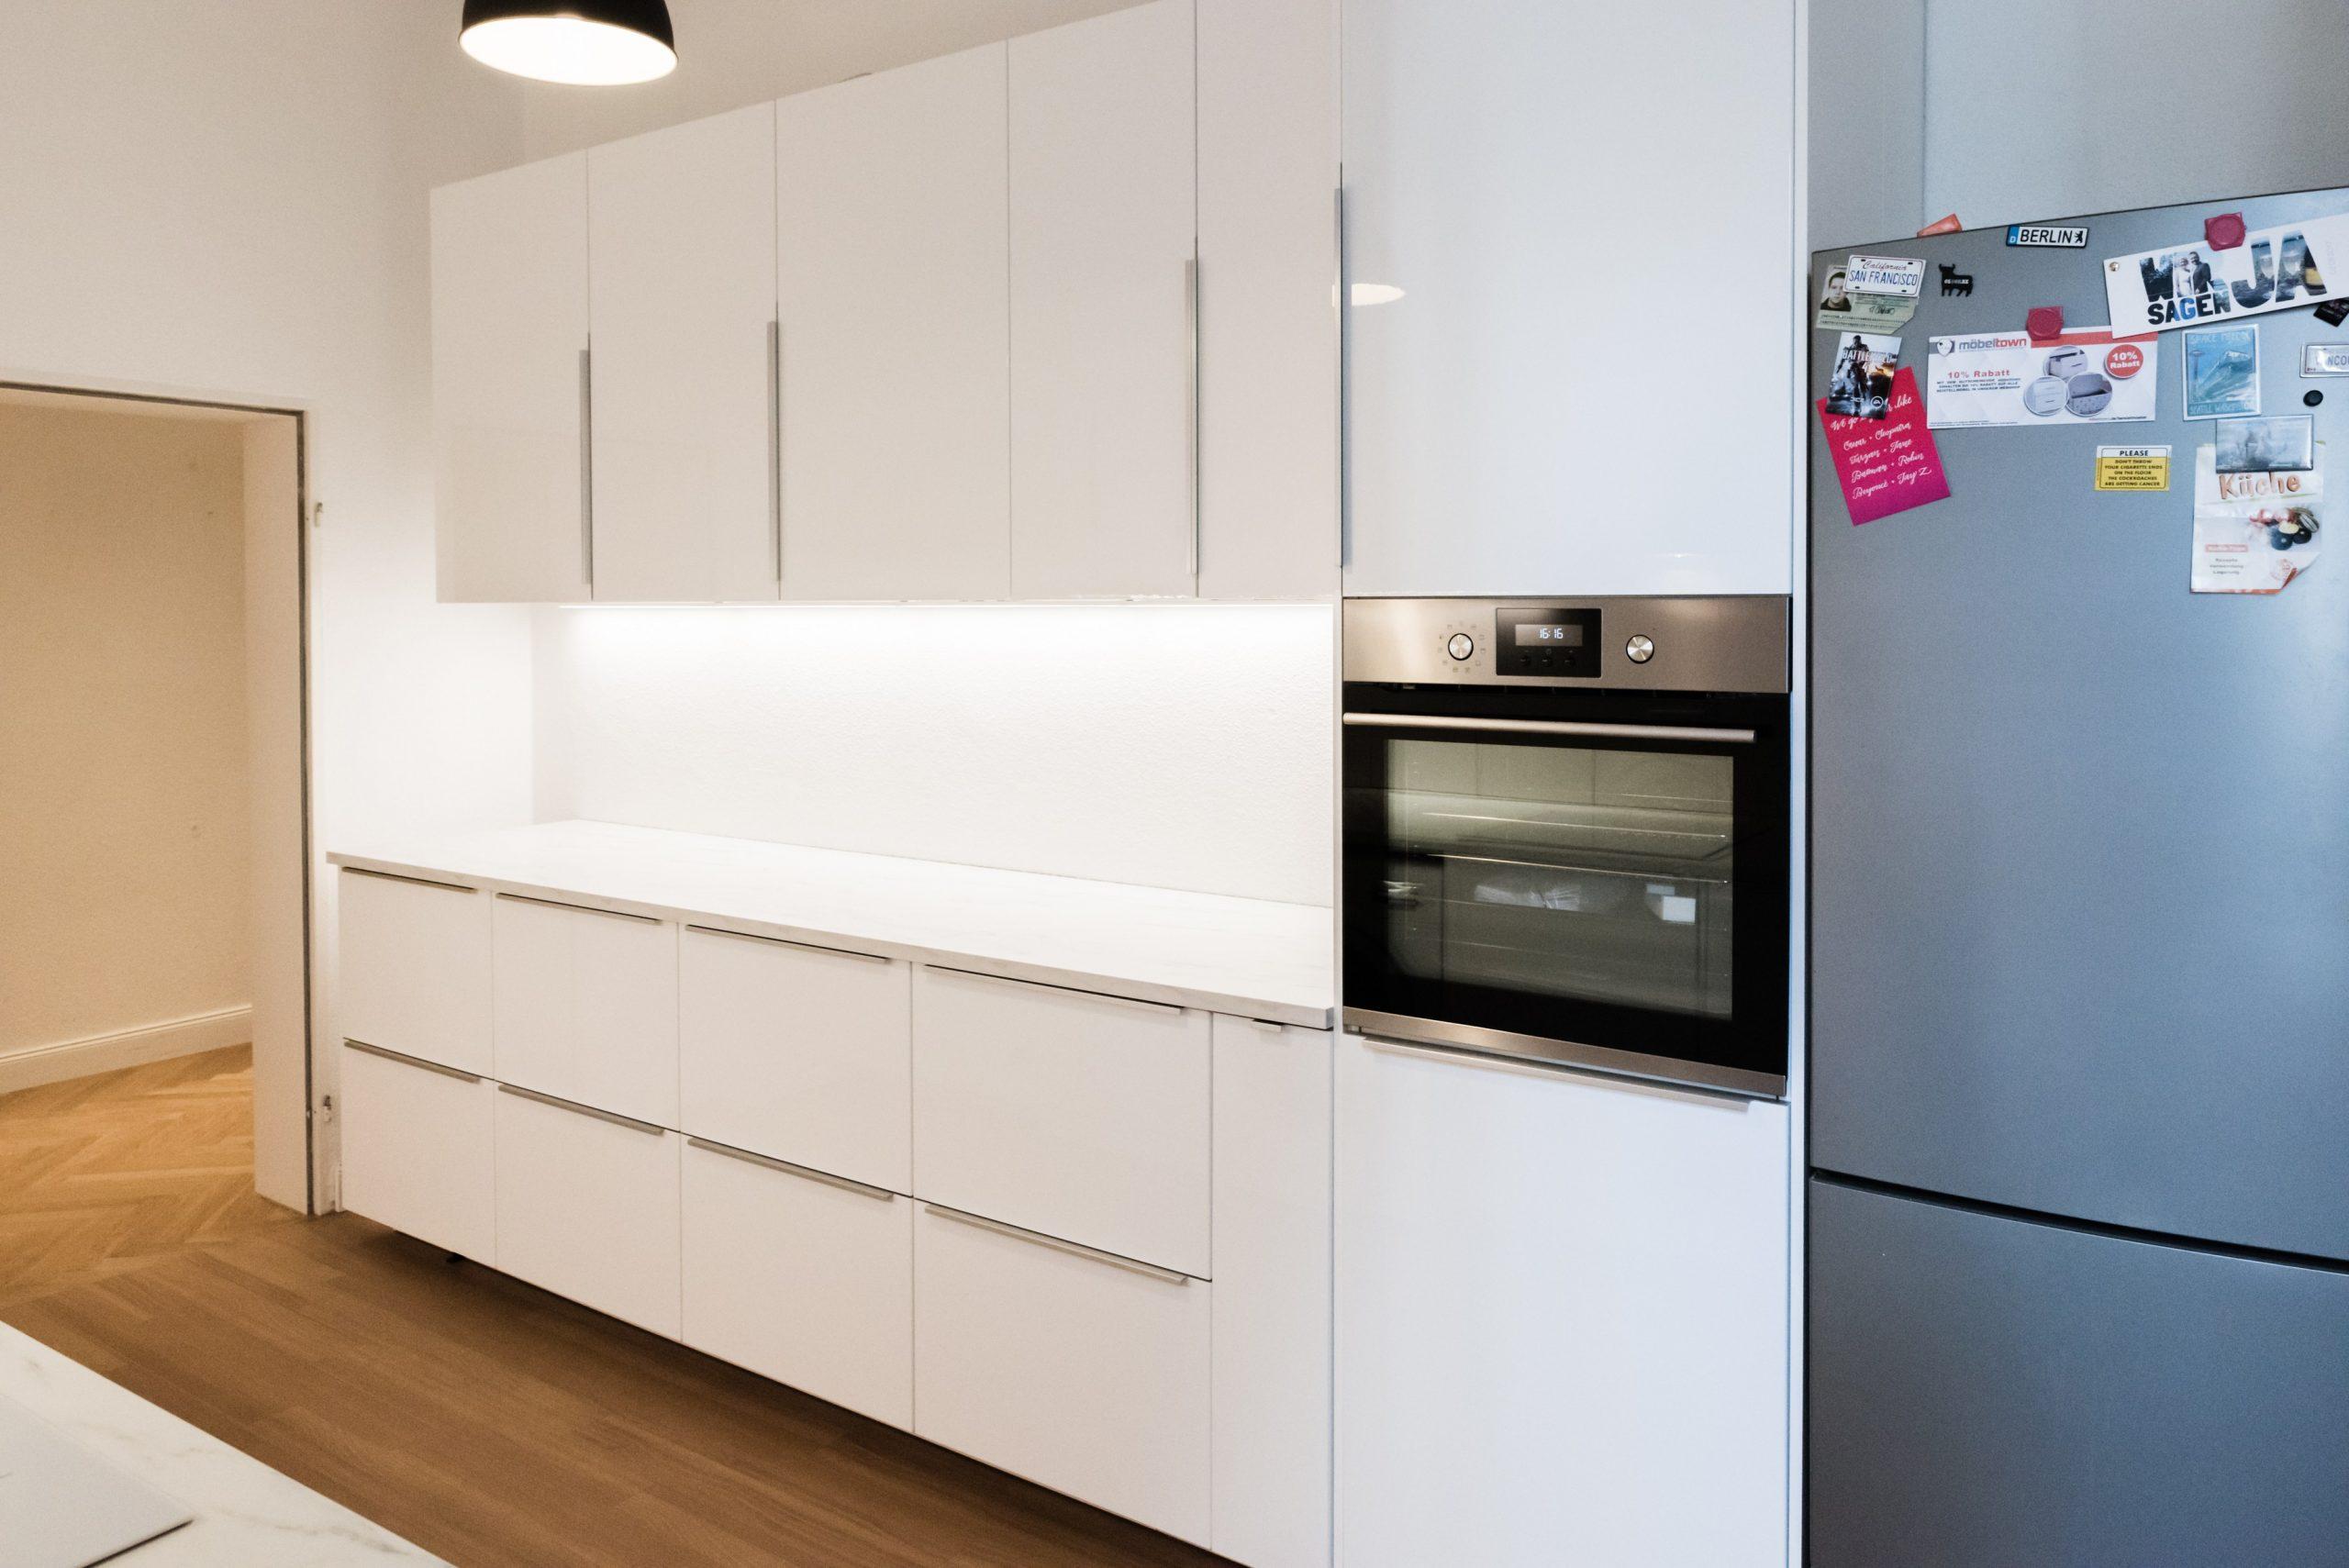 Full Size of Küchenschrank Ikea Kchenkauf Metod Unsere Erfahrungen Lackomio Küche Kaufen Sofa Mit Schlaffunktion Betten 160x200 Kosten Bei Miniküche Modulküche Wohnzimmer Küchenschrank Ikea